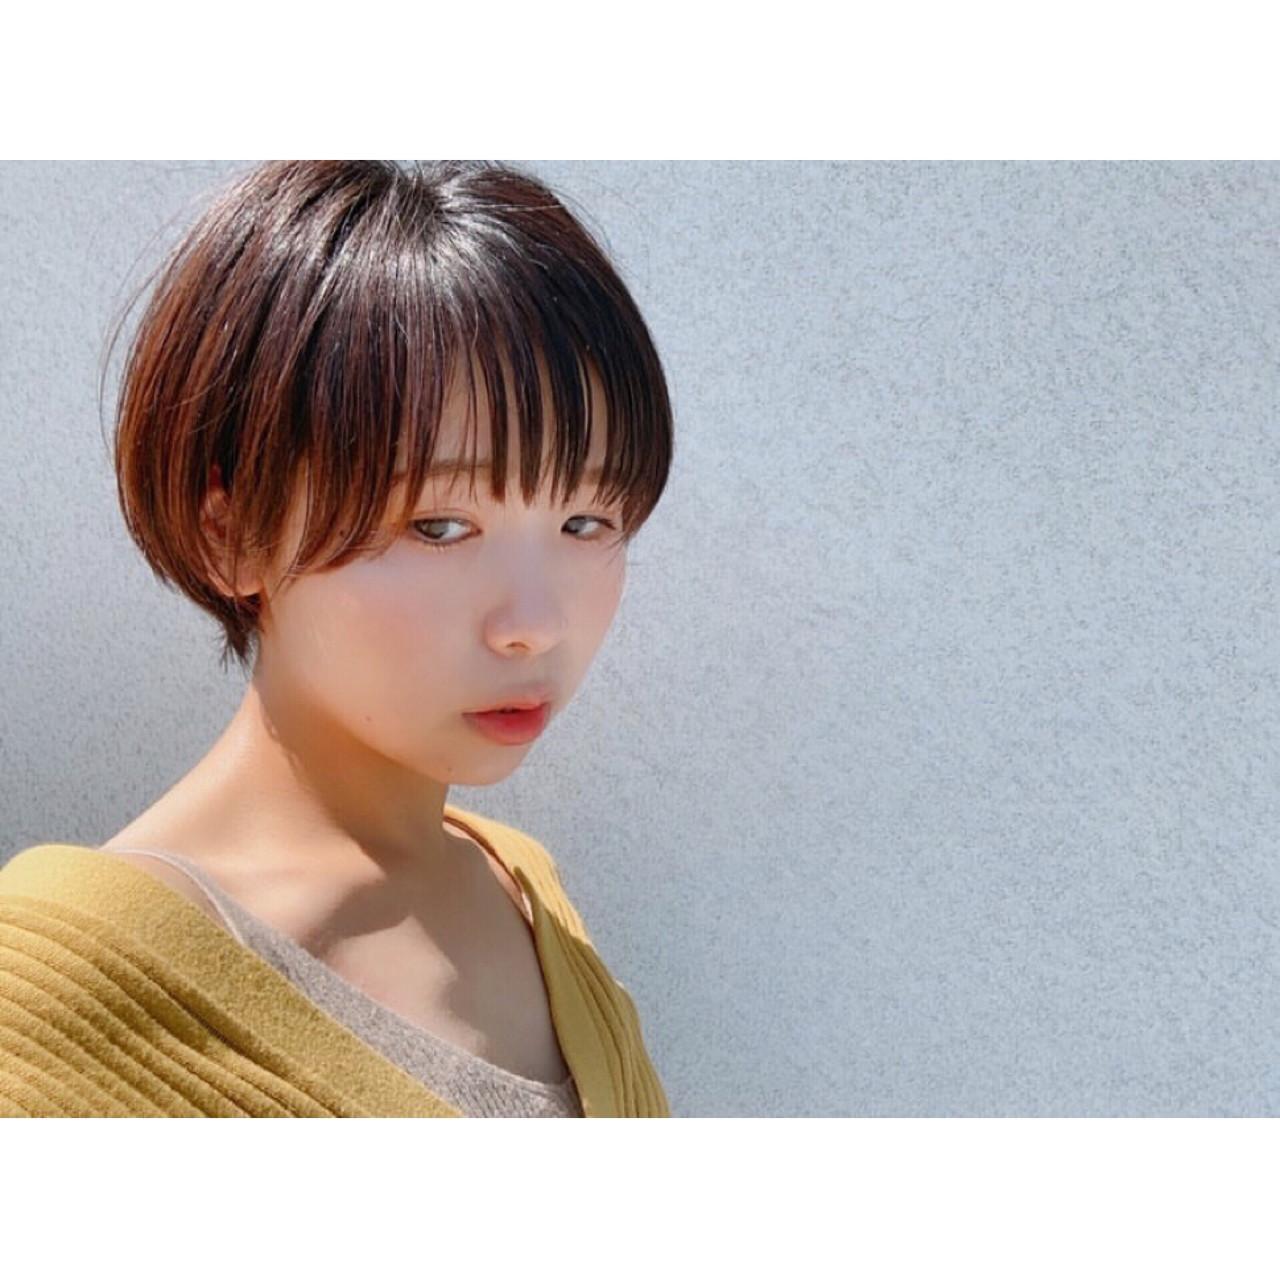 ナチュラル ショート ミルクティーブラウン ショートヘア ヘアスタイルや髪型の写真・画像 | 森下佳哲 / lufun hair design